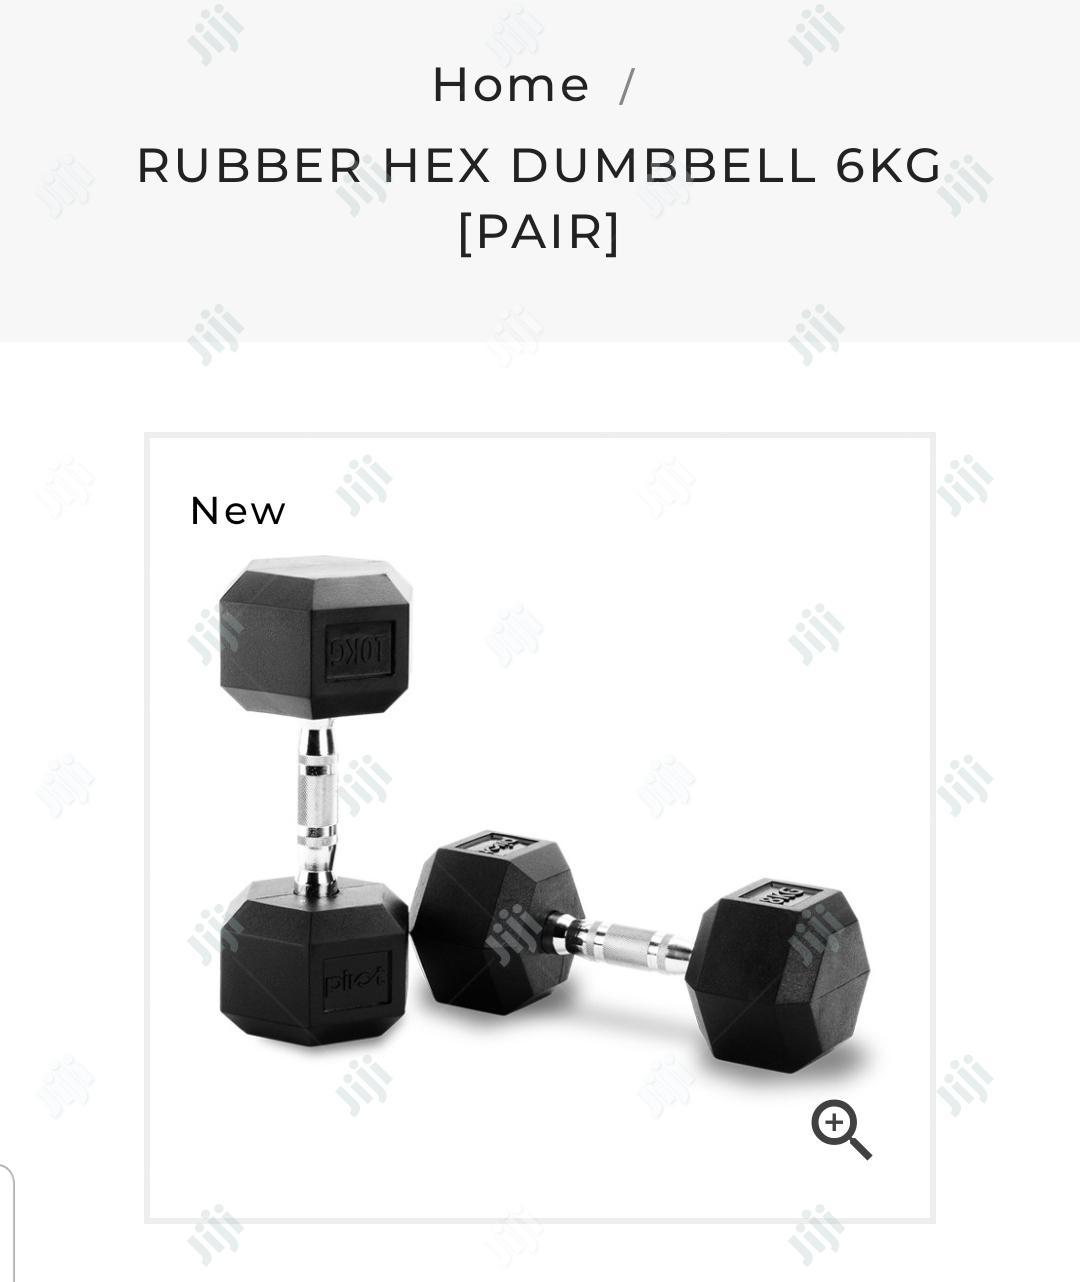 Rubber Hex Dumbbell 6kg [Pair]